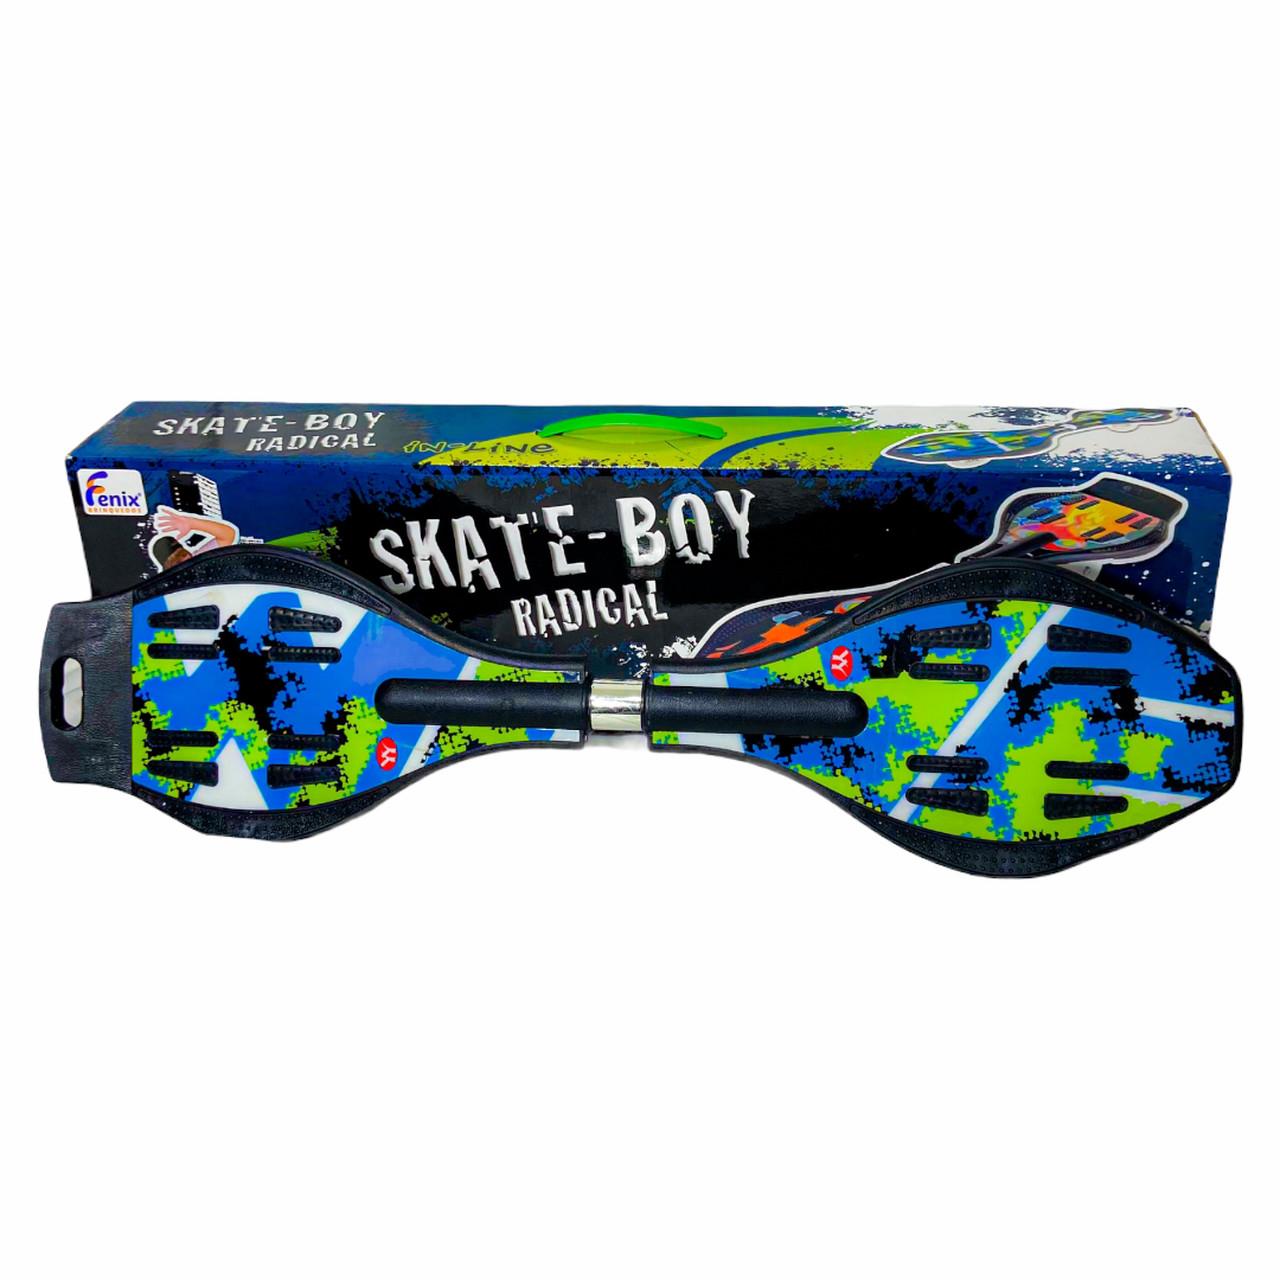 Skate Boy Radical 2 Rodas Fenix